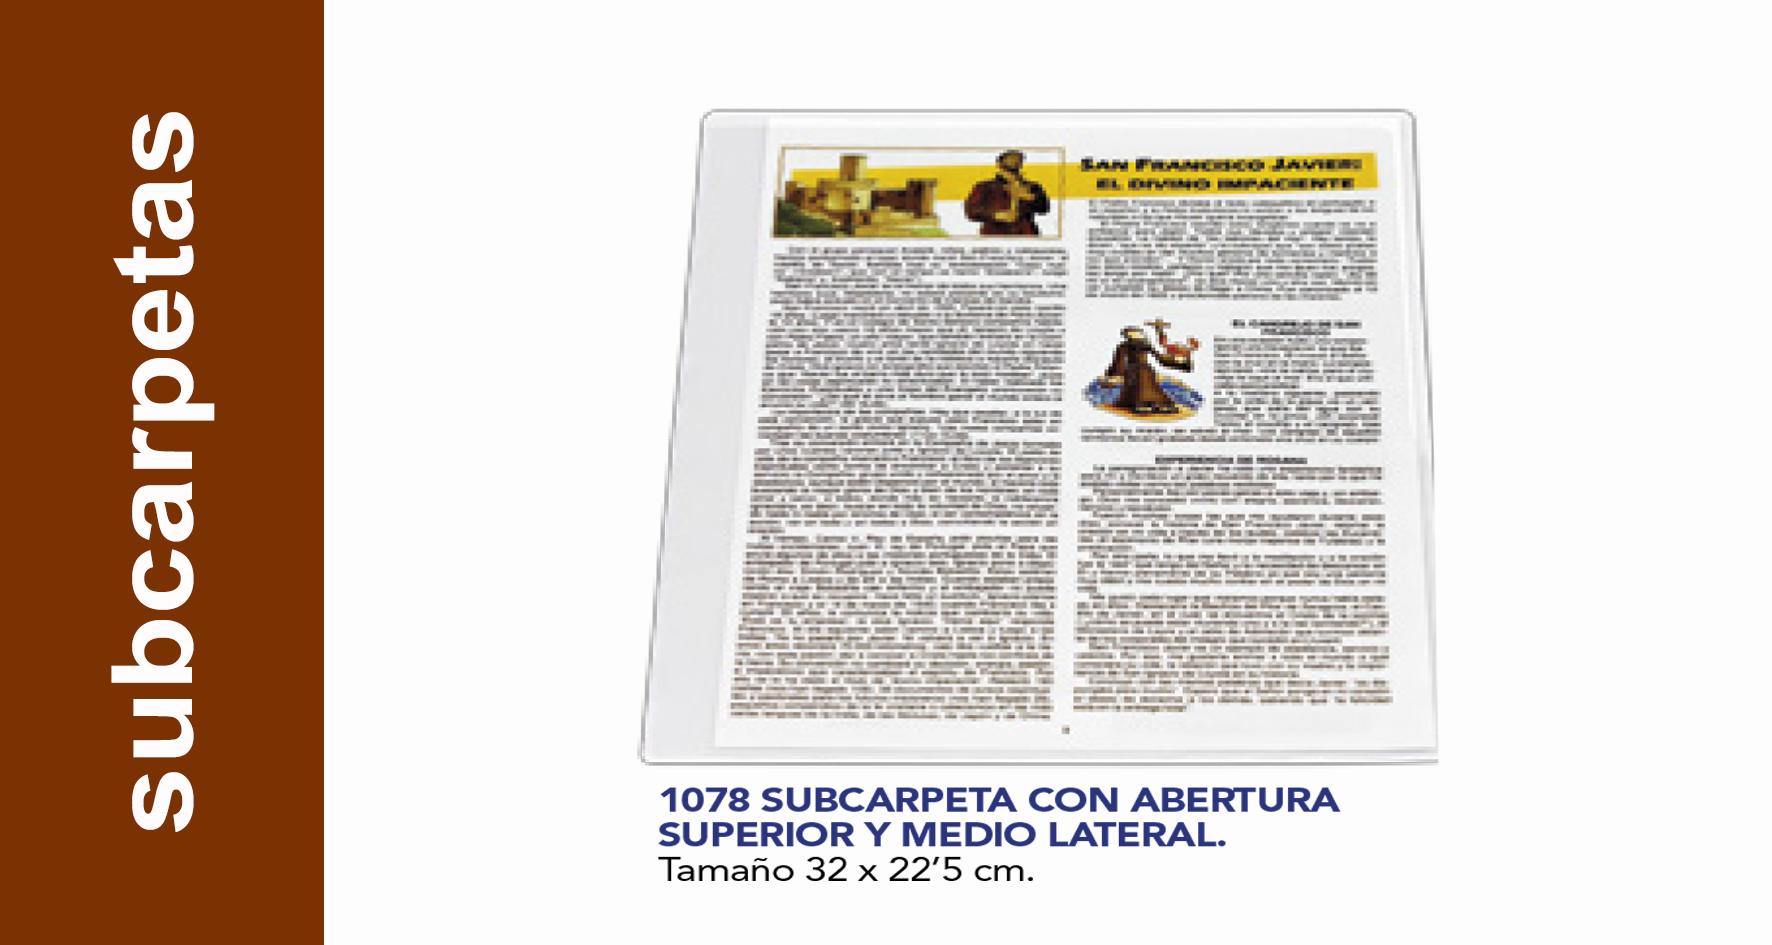 Subcarpeta publicidad polipropileno